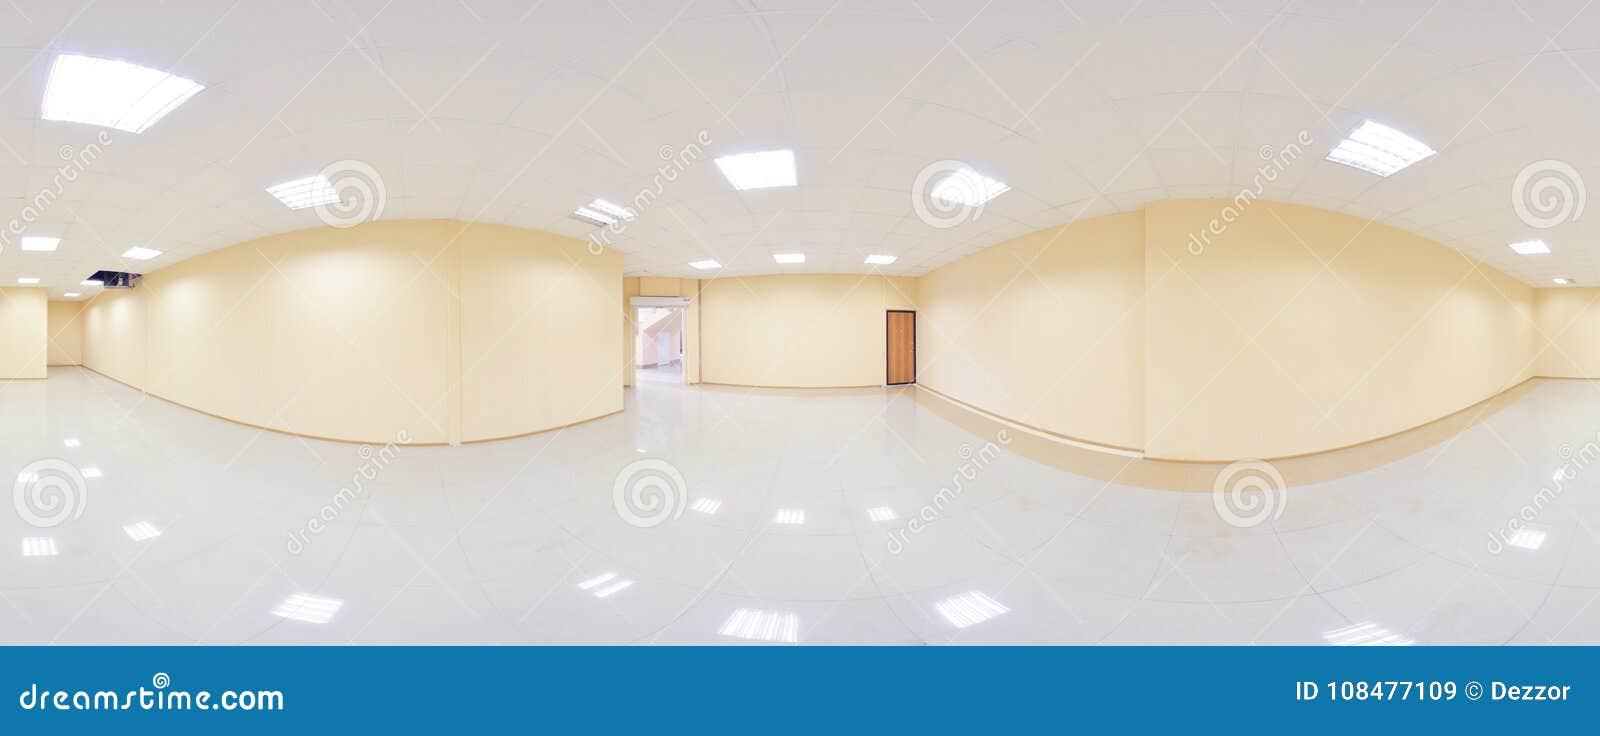 360 grados esféricos de la proyección del panorama, panorama en sitio vacío interior en apartamentos planos modernos